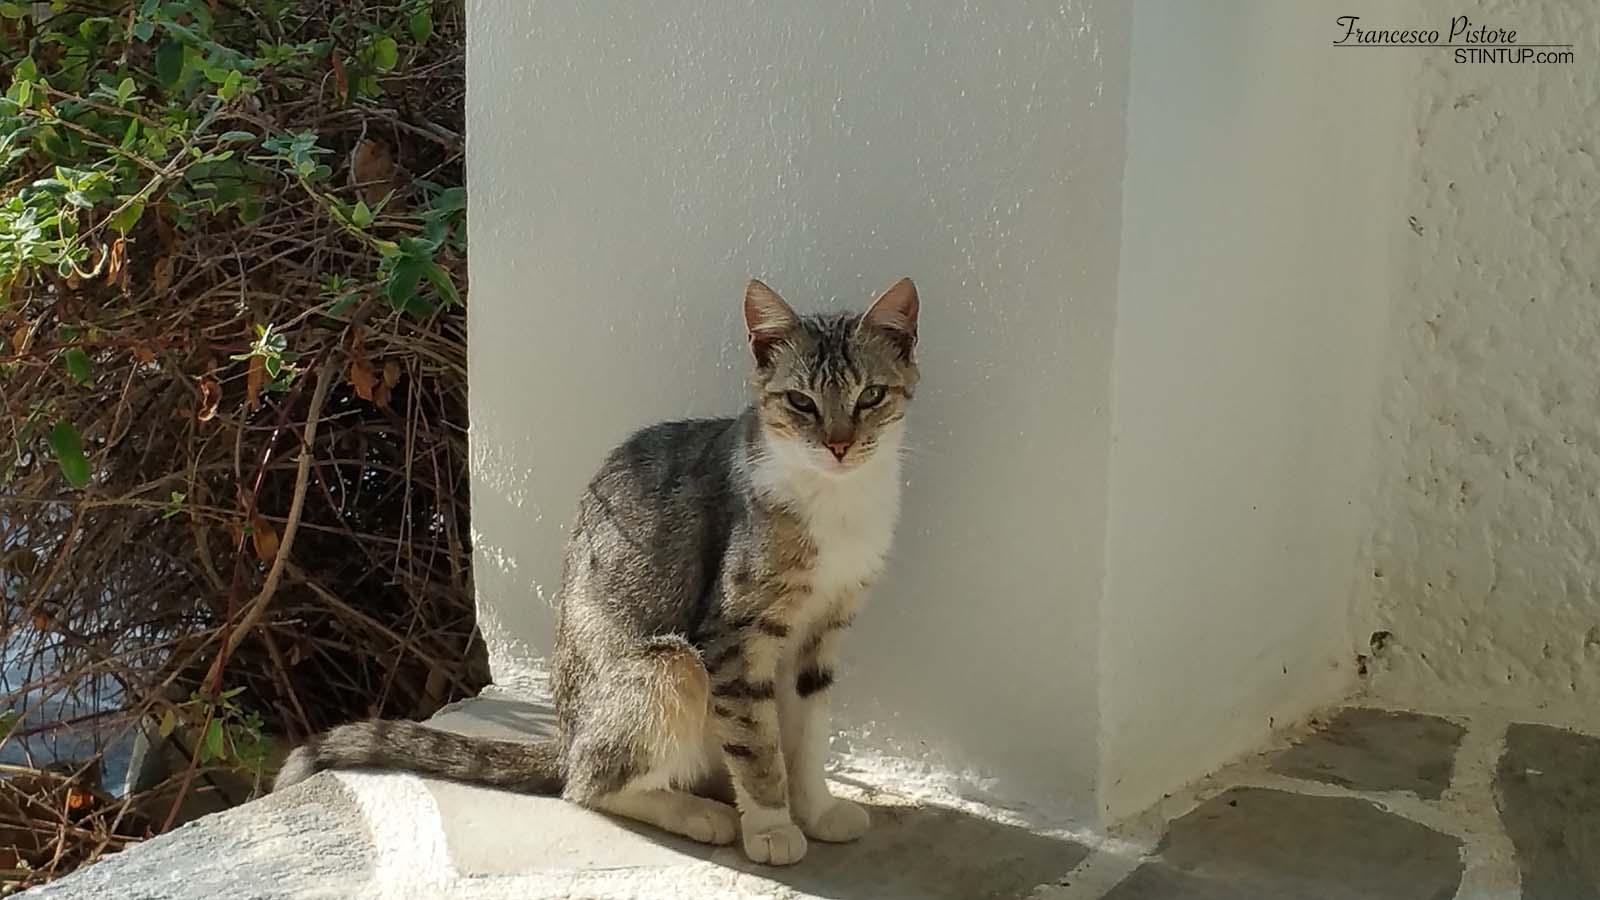 Uno dei tanti gatti in attesa di cibo fuori dalla porta della stanza